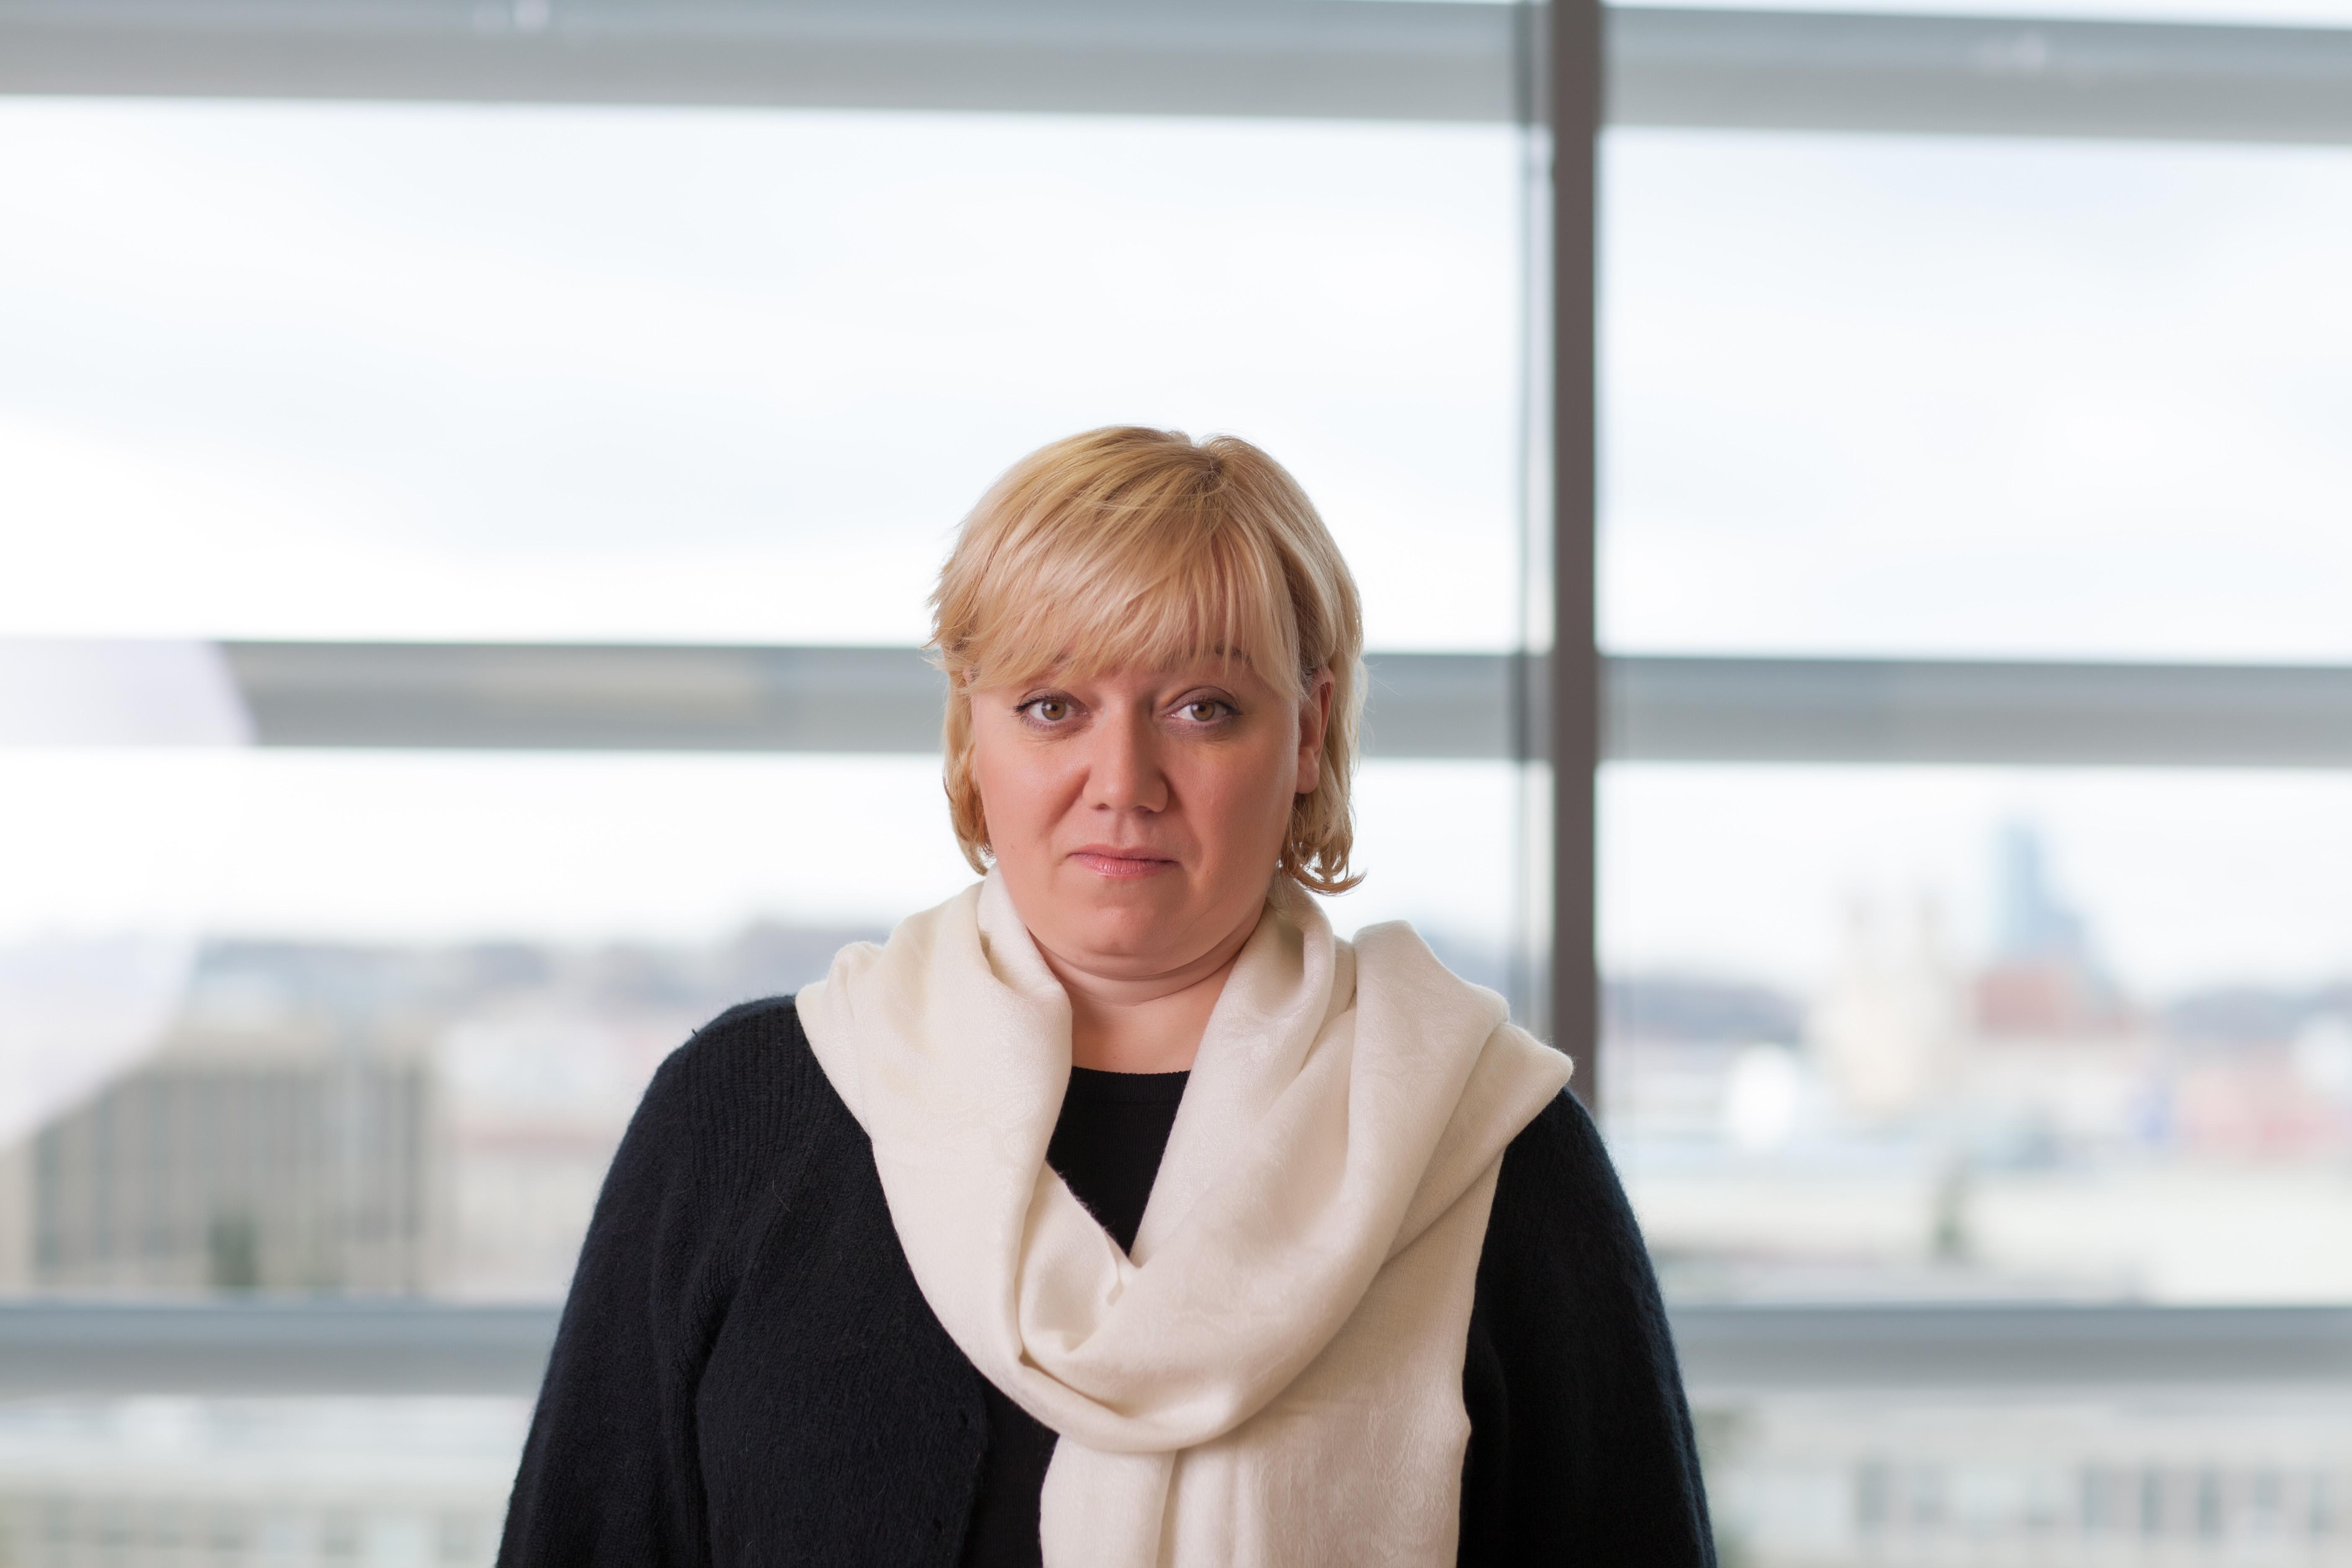 VLK Draudžiamųjų privalomuoju sveikatos draudimu registro skyriaus vedėja Natalija Jelenskienė (nuotr. VLK)